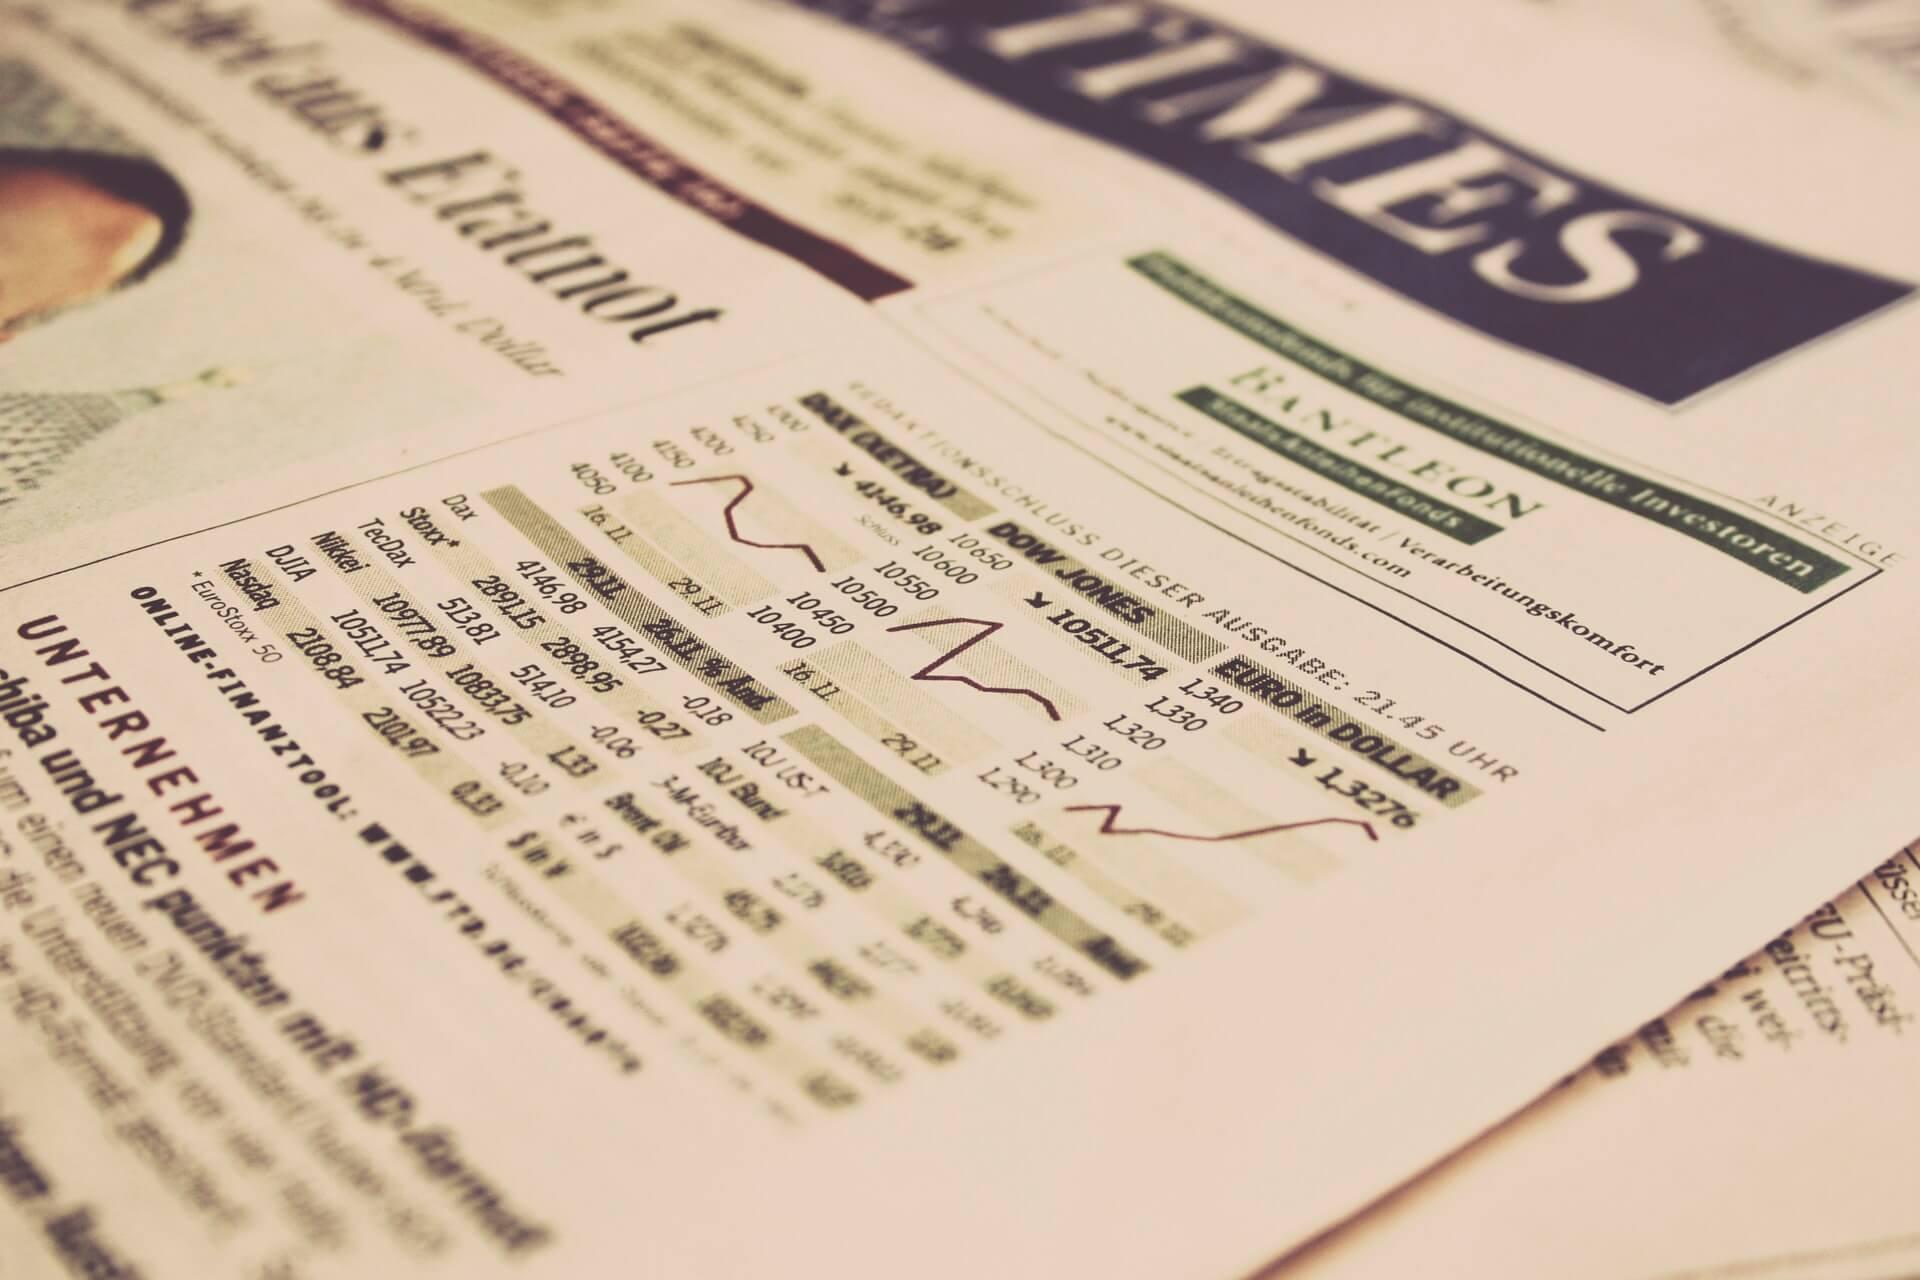 Absatzfinanzierung: WelcheVorteileergeben sich aus dieser Finanzierungsform?